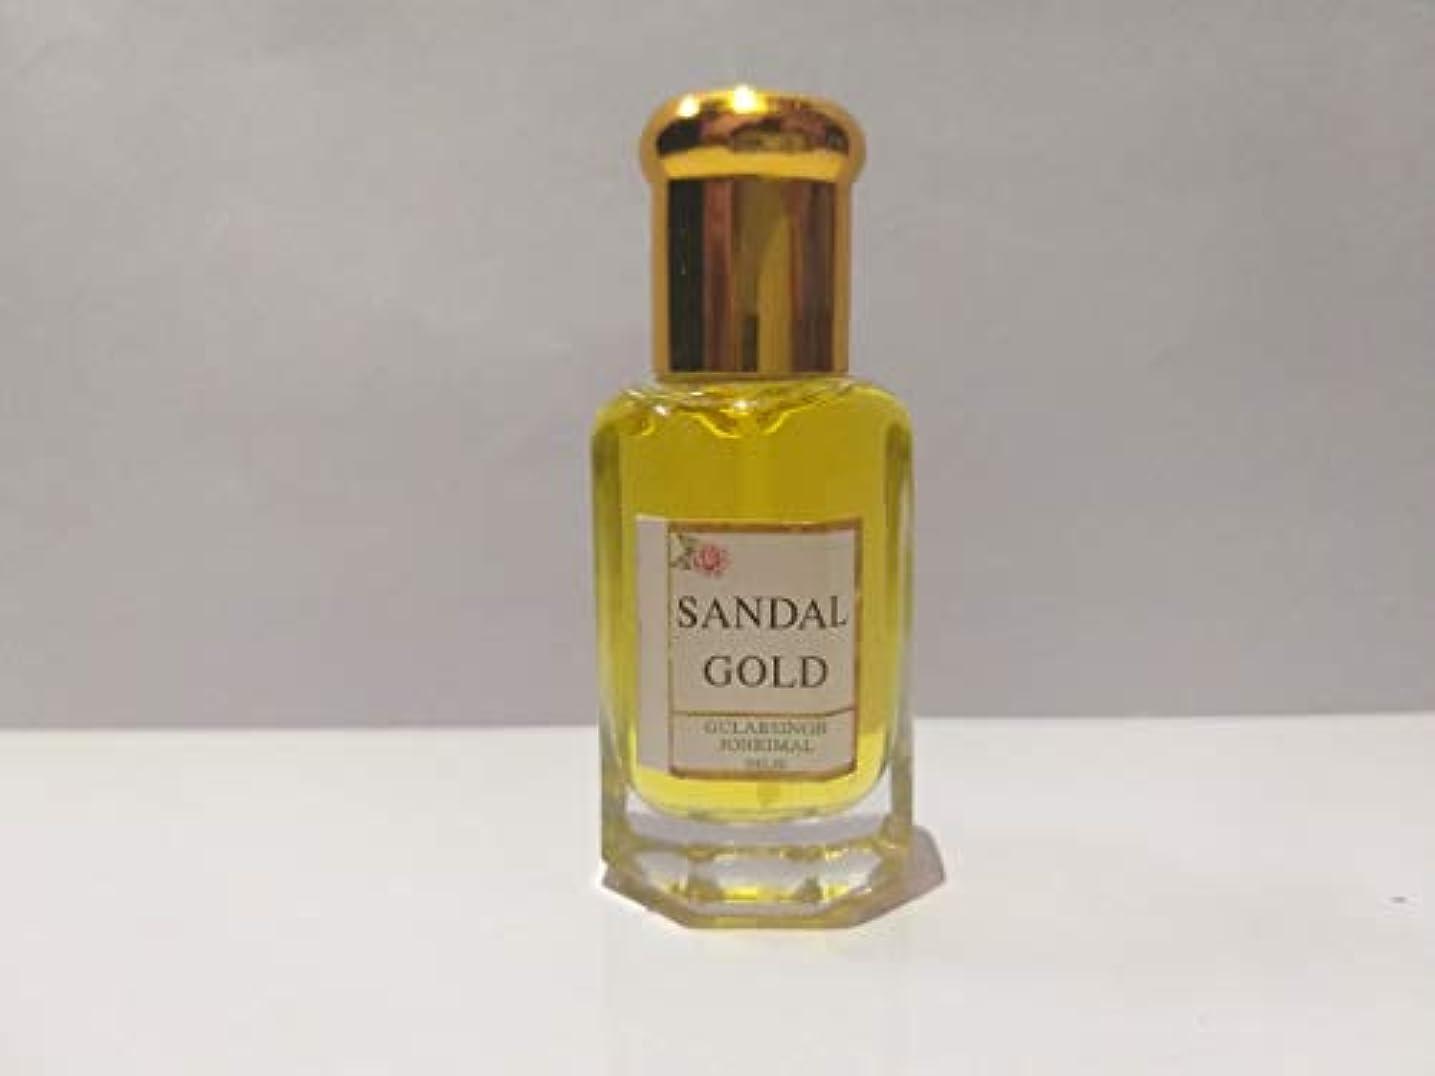 暖炉粗いでるSandal/白檀 / Chandan Attar/Ittar concentrated Perfume Oil - 10ml Beautiful Aroma